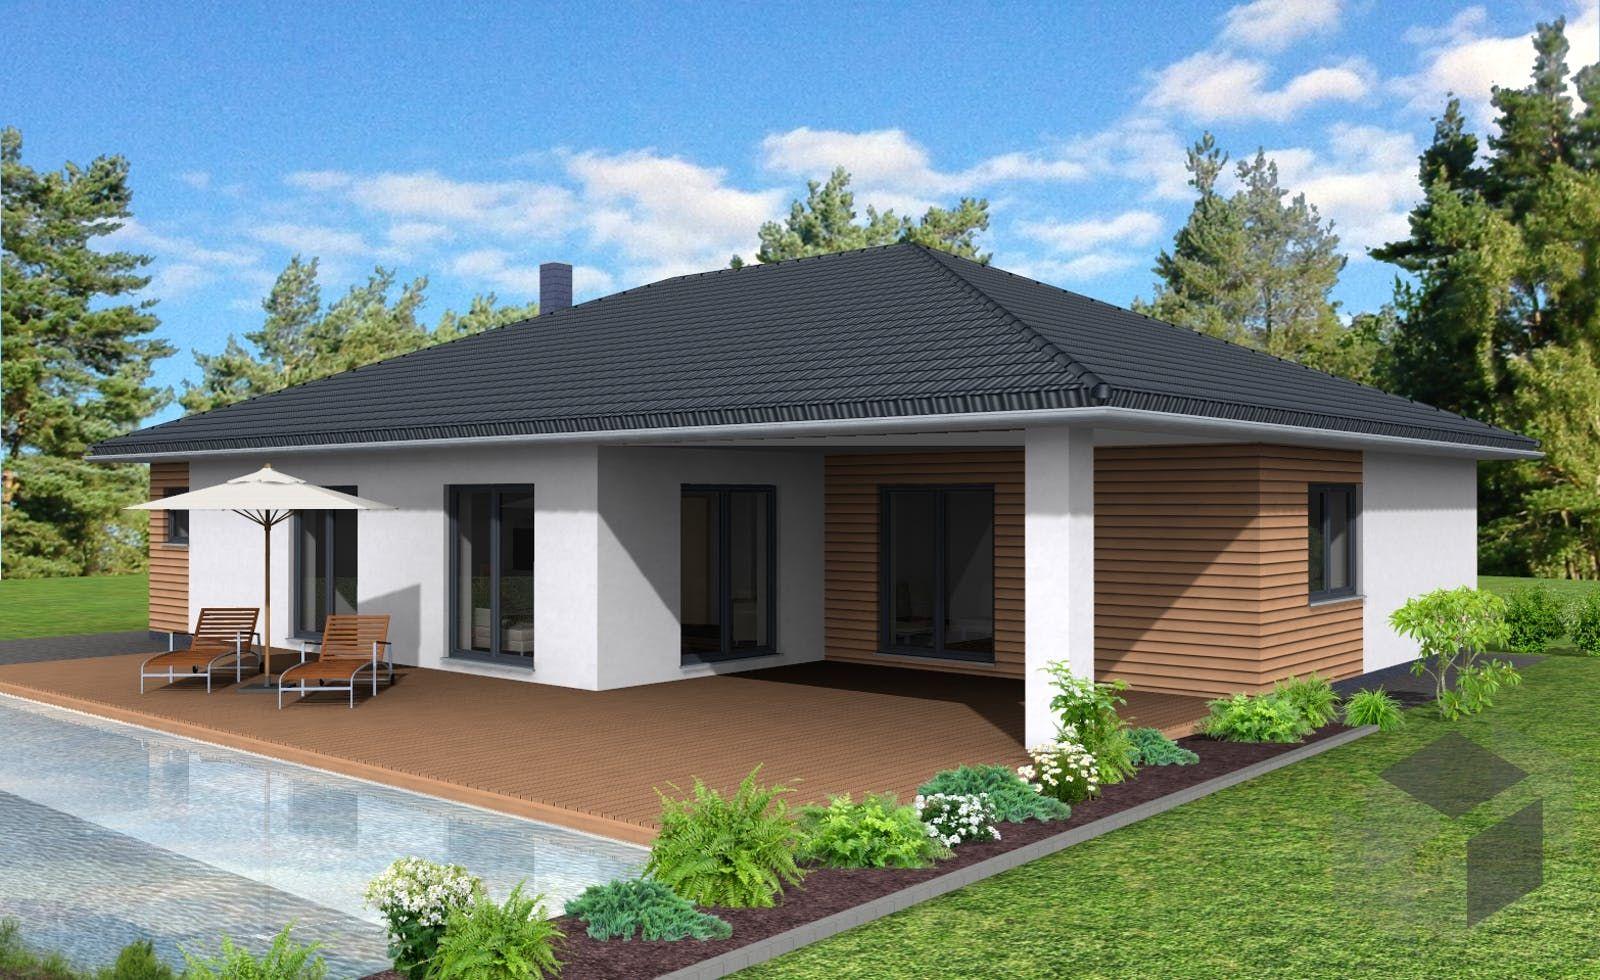 Bungalow 150 von Suckfüll Unser Energiesparhaus außerdem